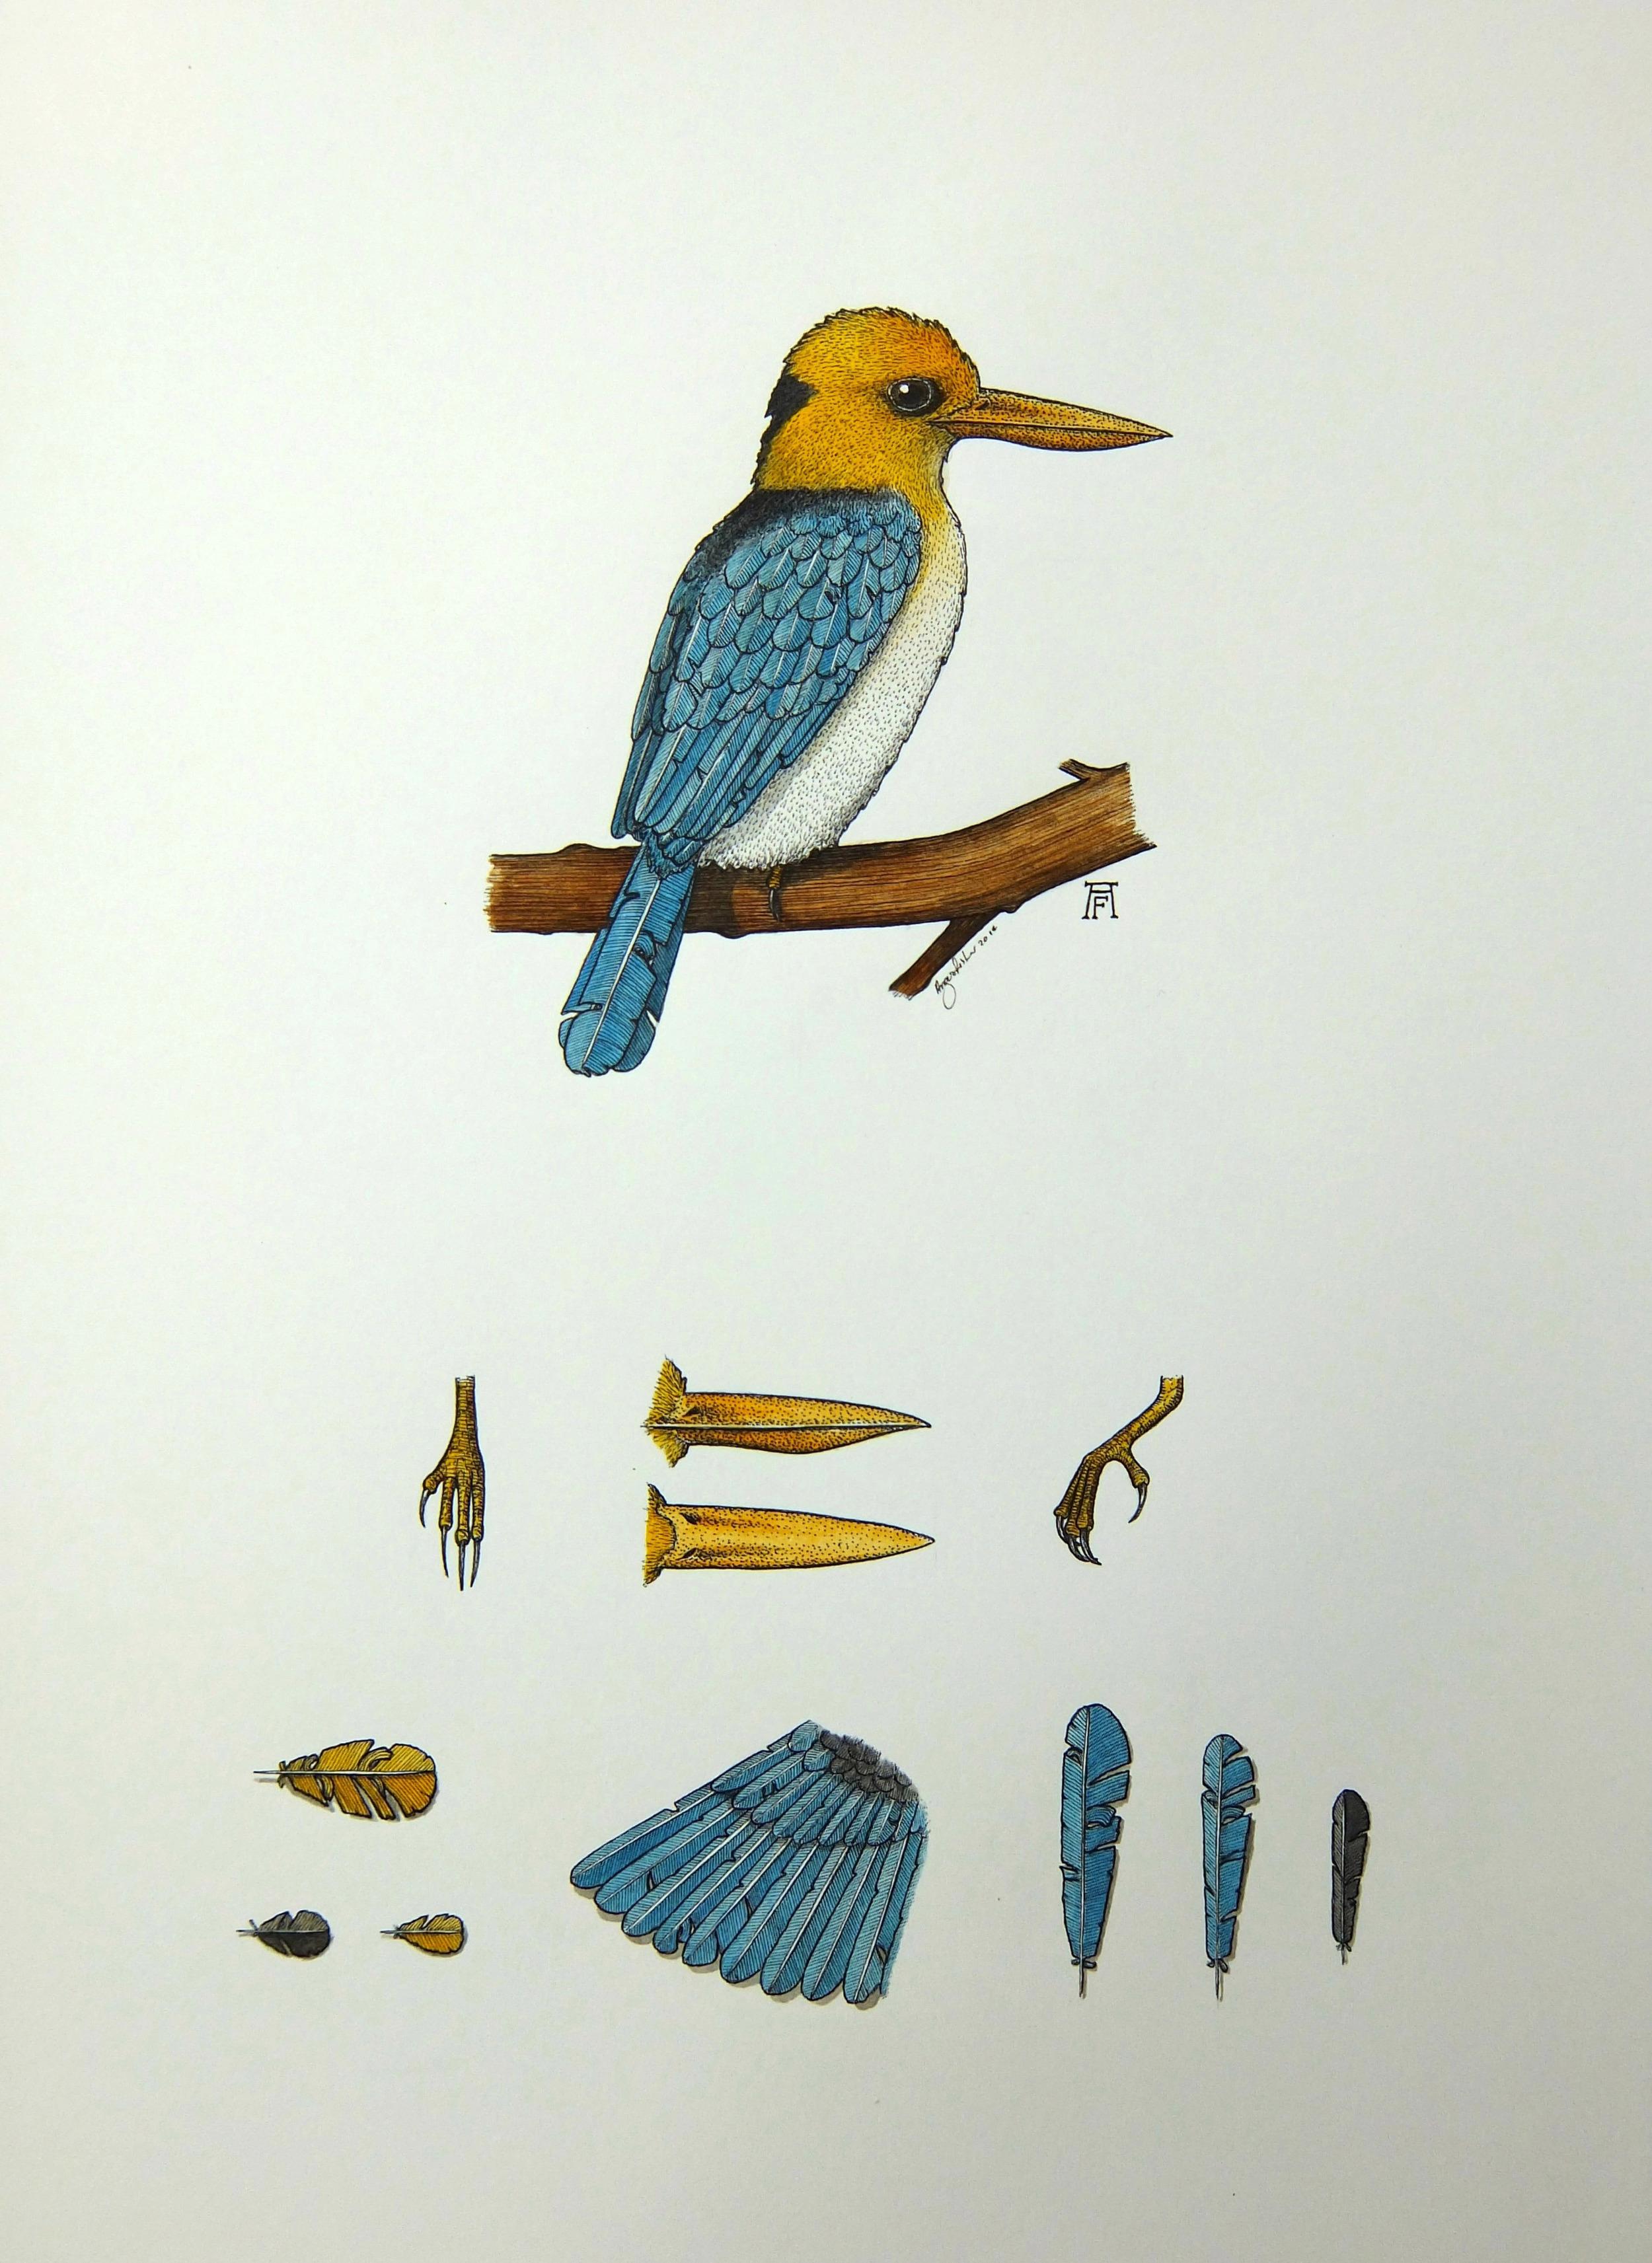 'Yellow-Billed Kingfisher'